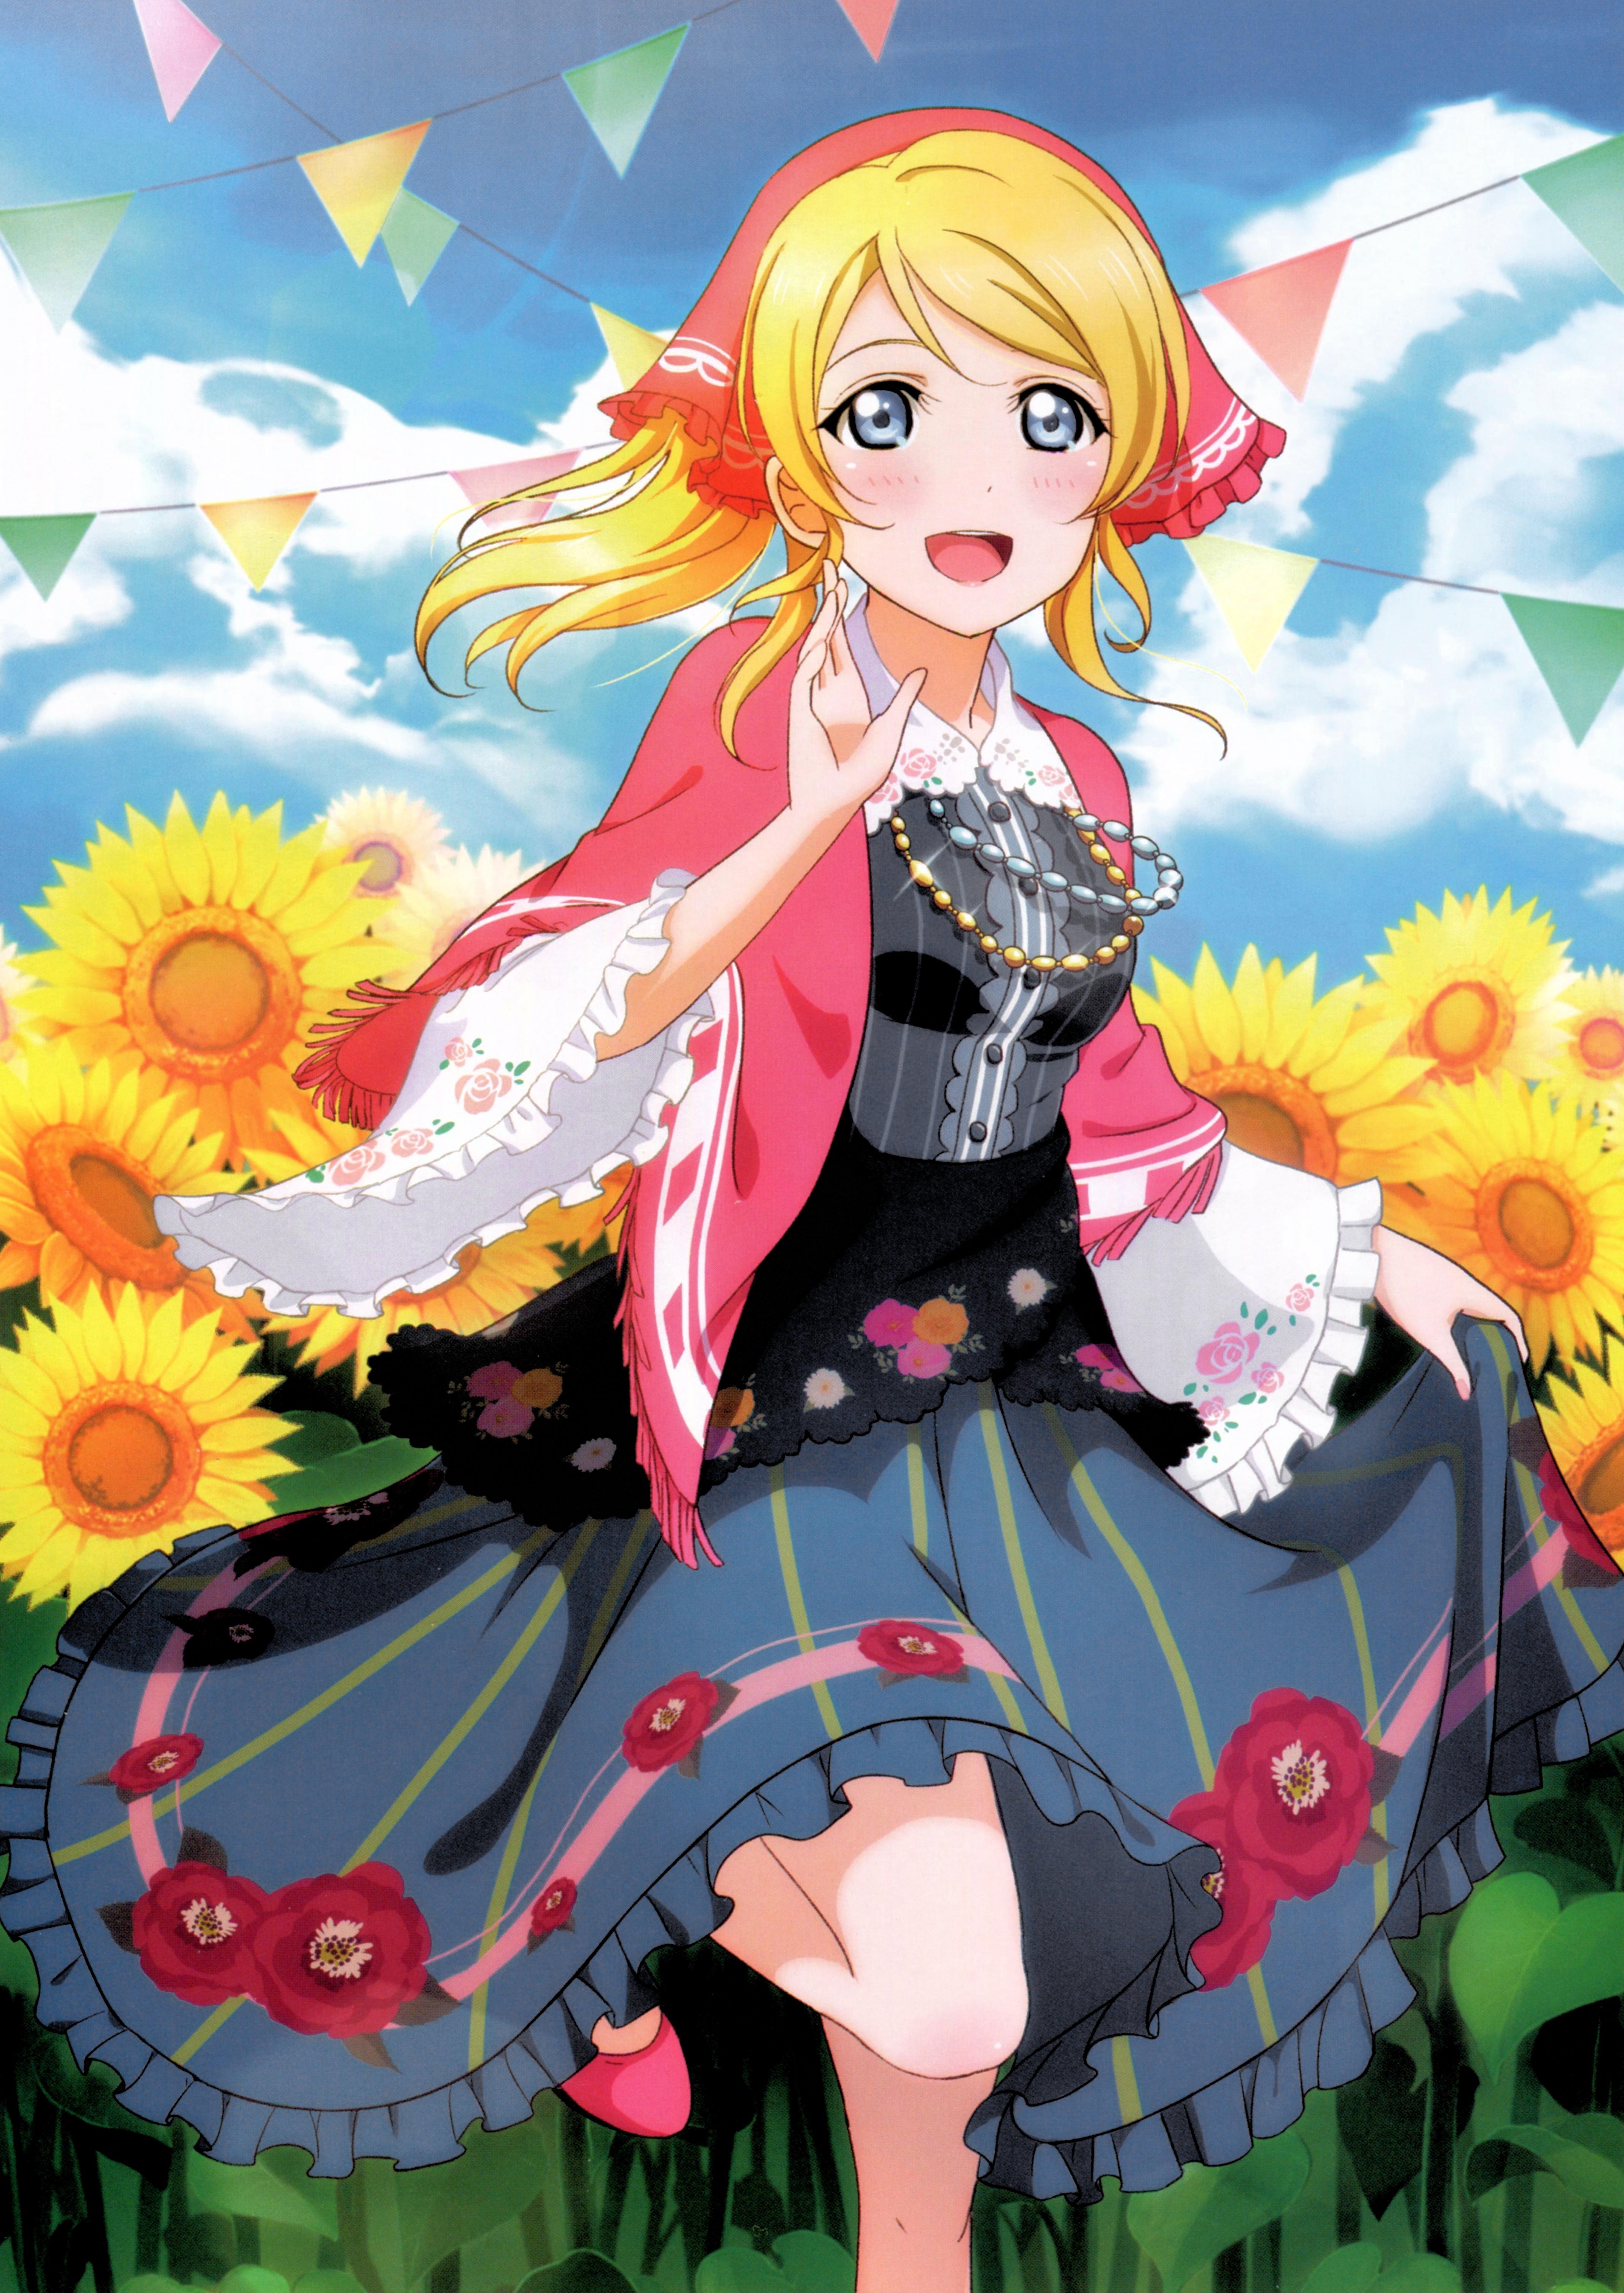 Ayase eri love live zerochan anime image board for Zerochan anime